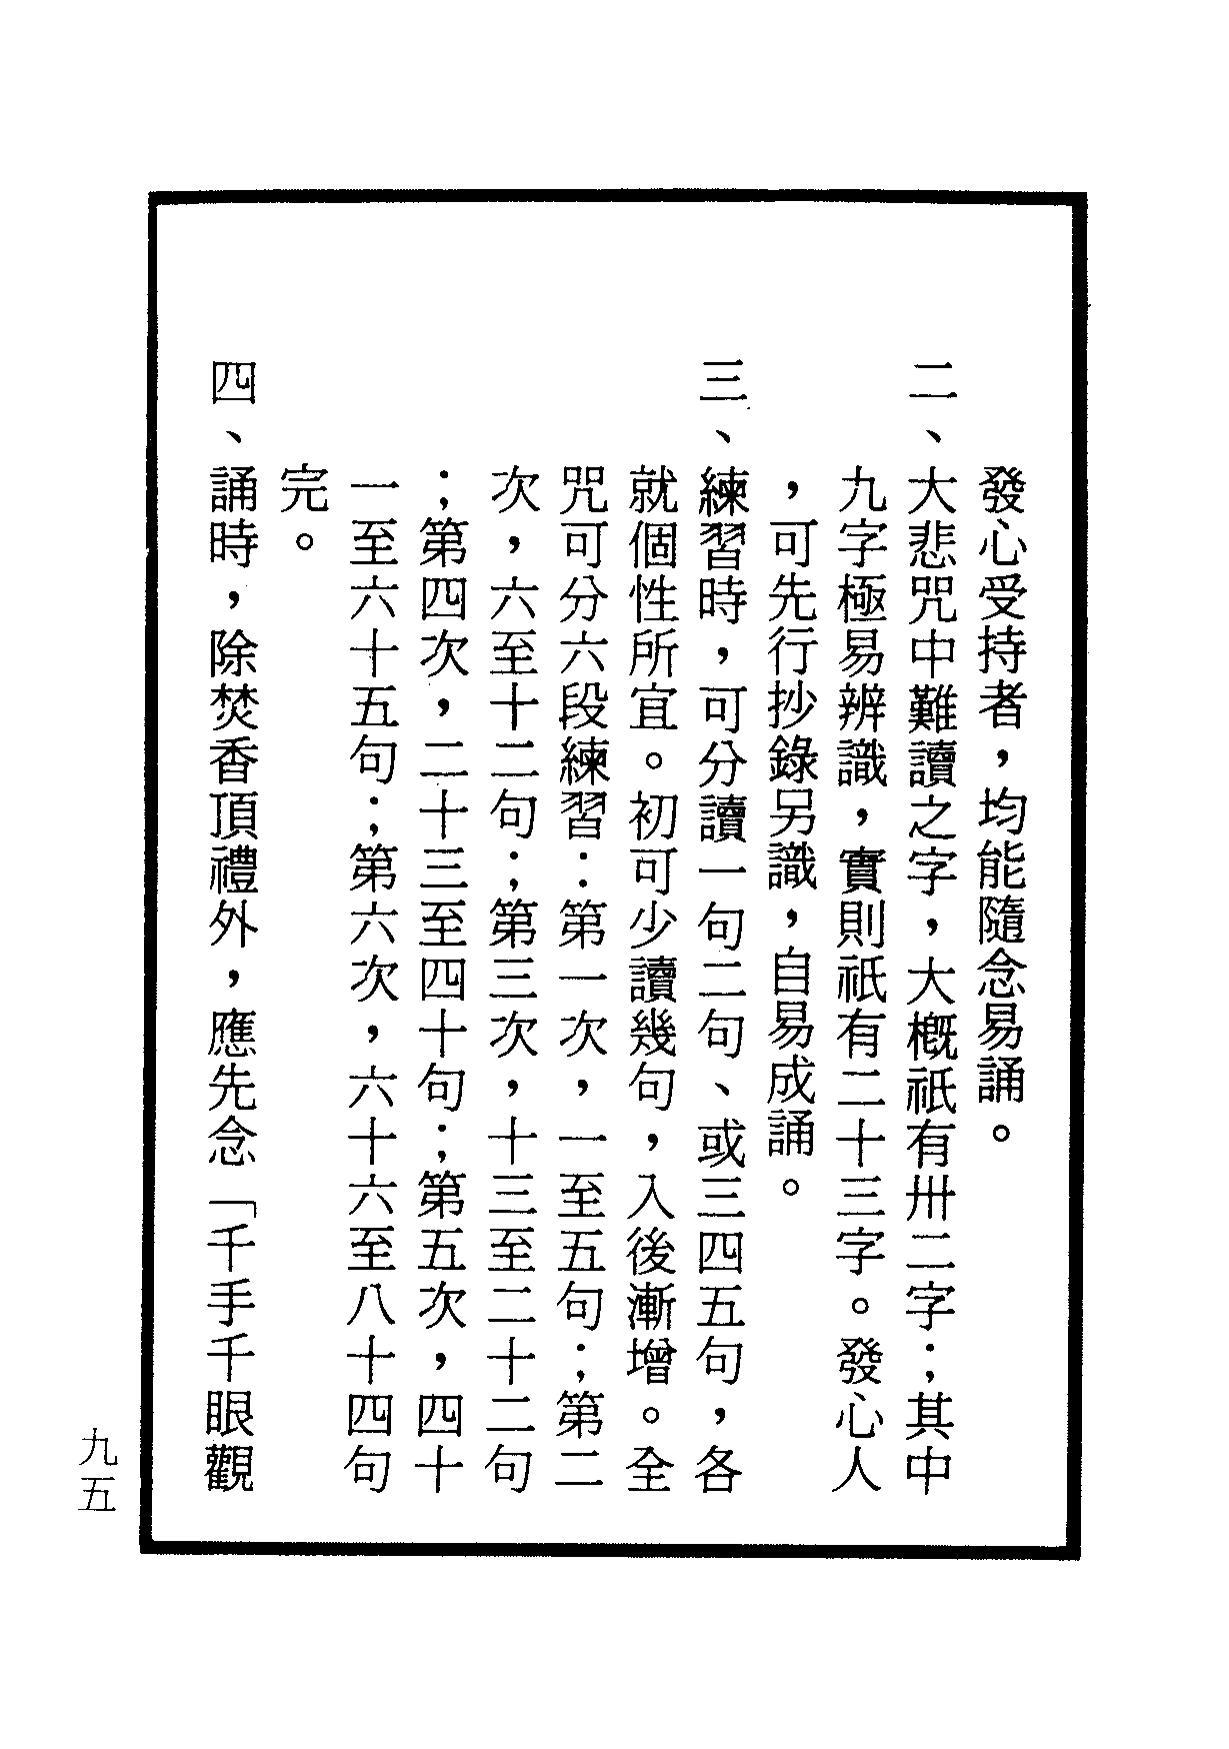 楞嚴咒-大悲咒-十小咒-易背本 101.png